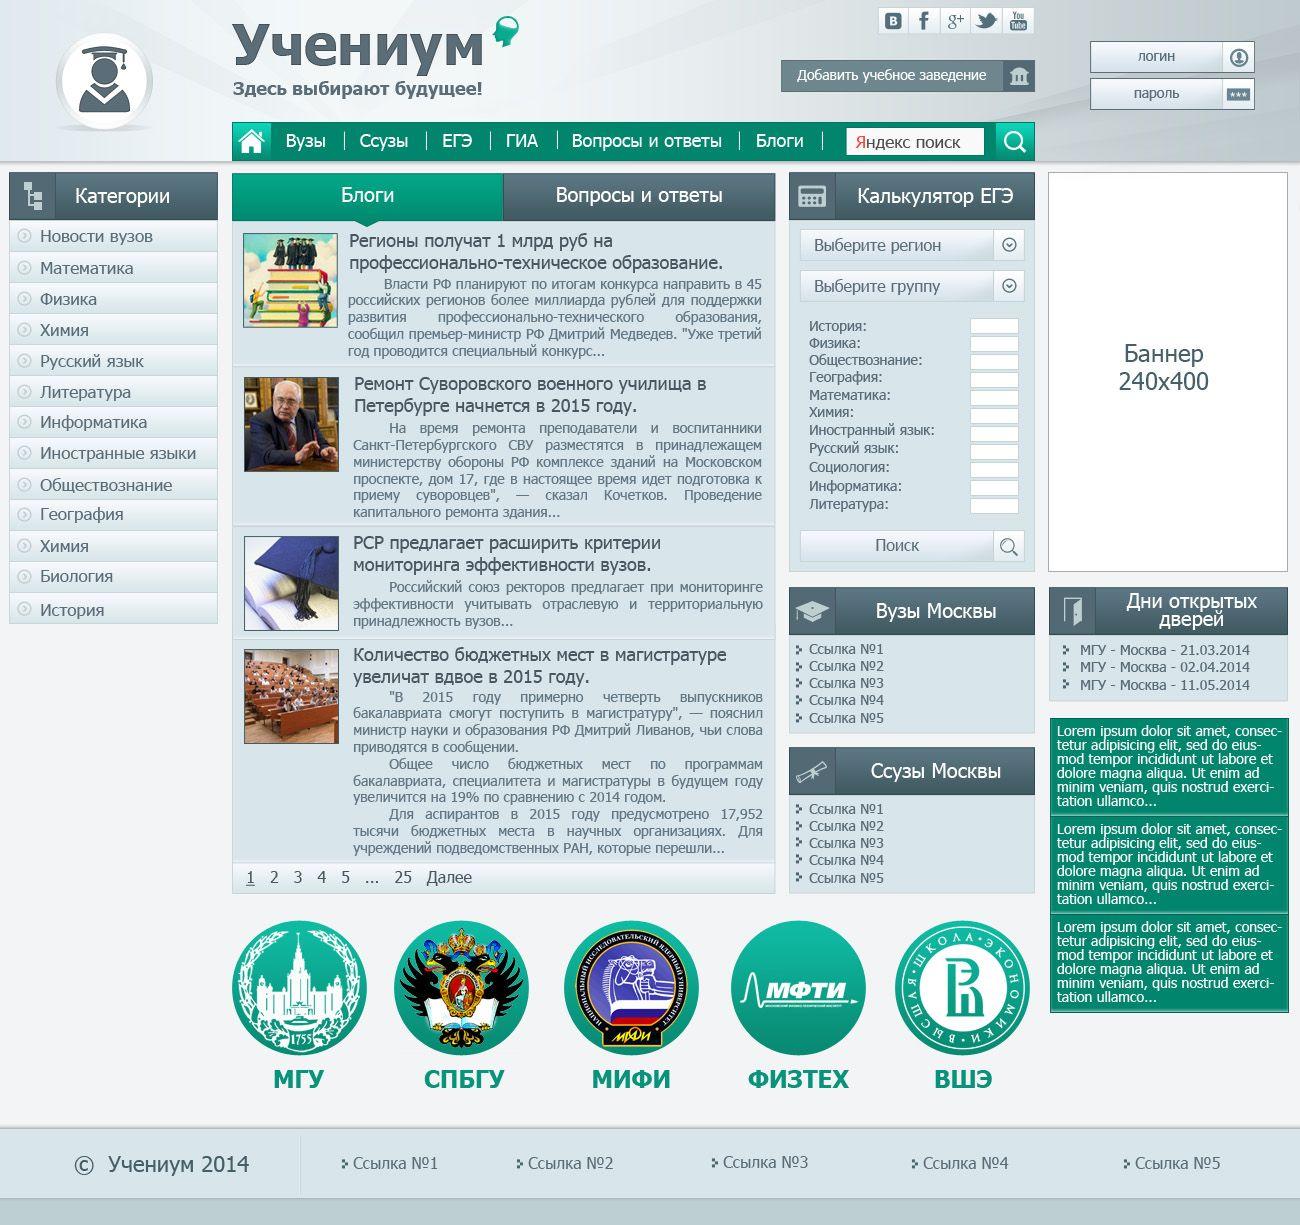 Дизайн для информационного сайта - дизайнер guti